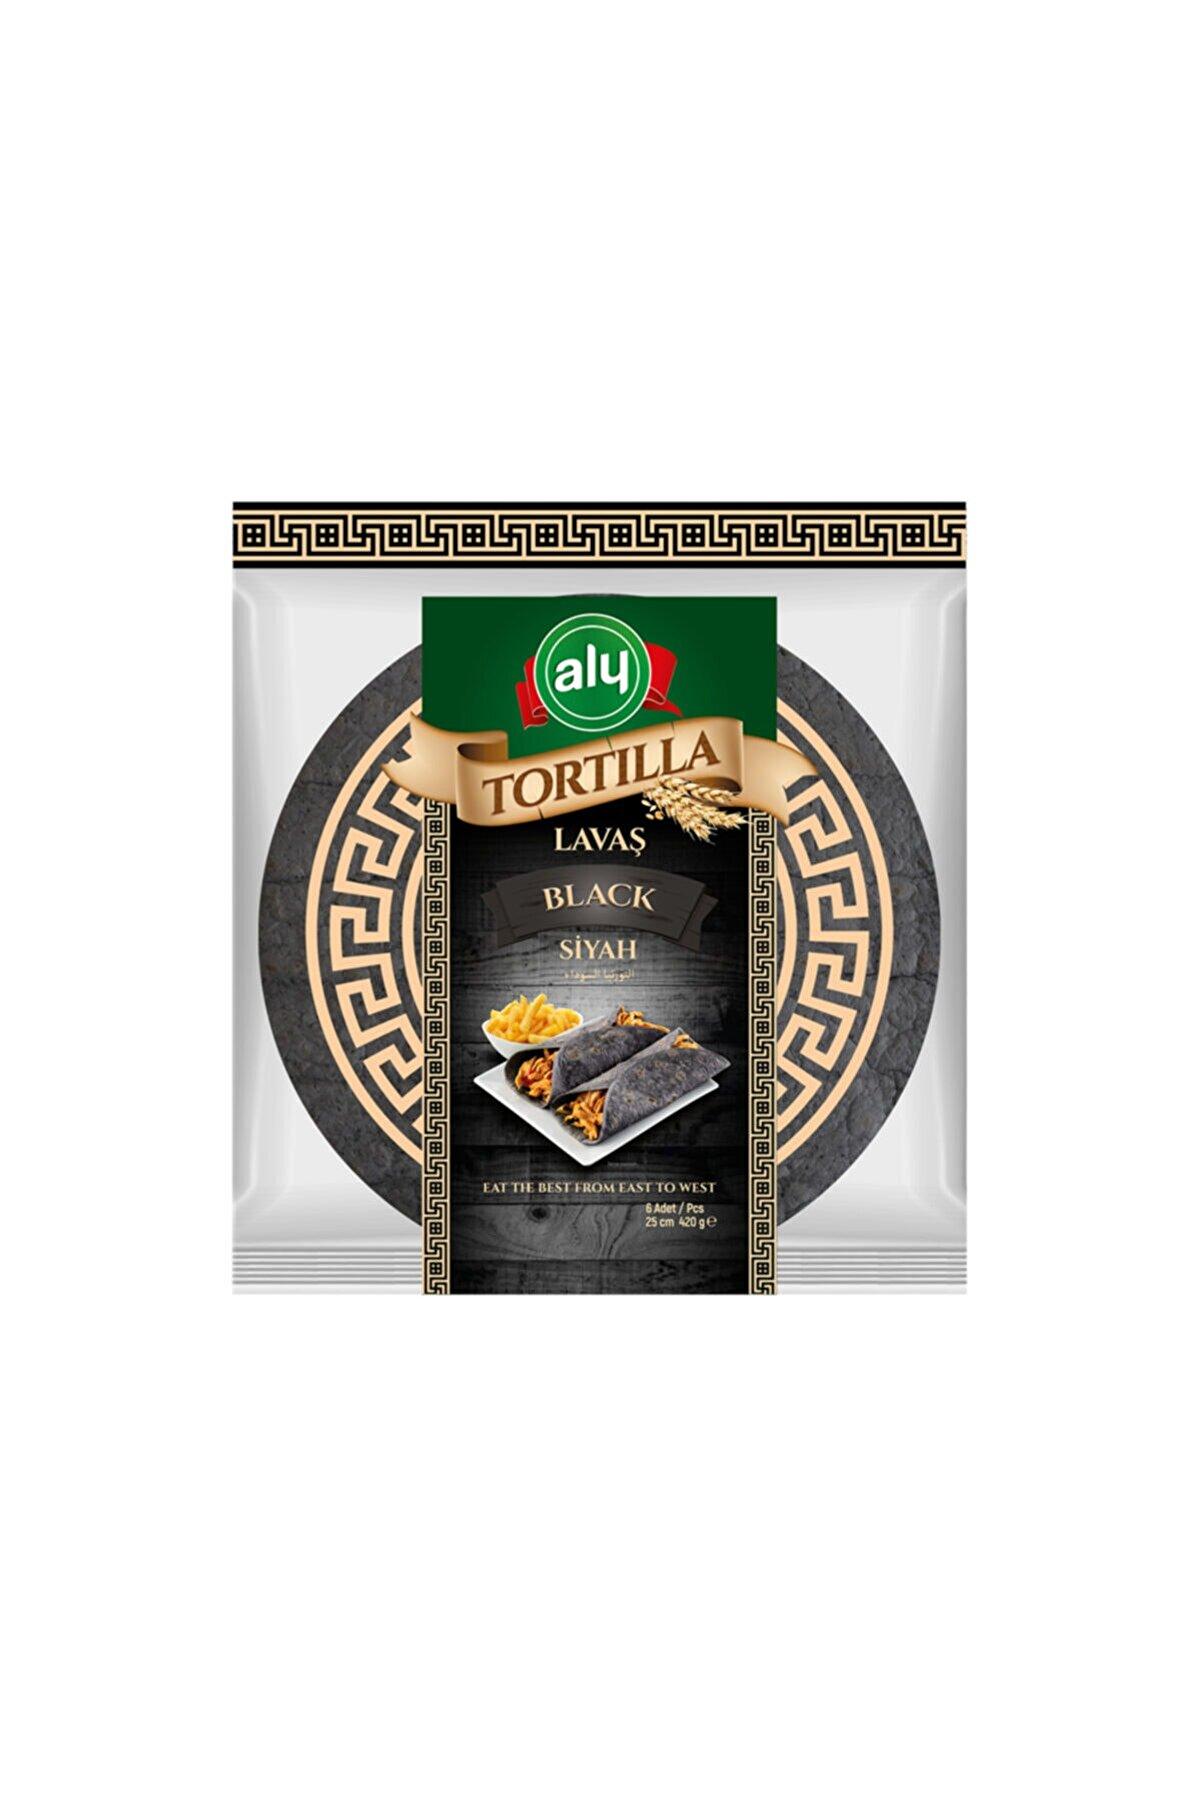 Aly Siyah Tortilla Lavaş 25 cm 6'lı Paket 420 gr